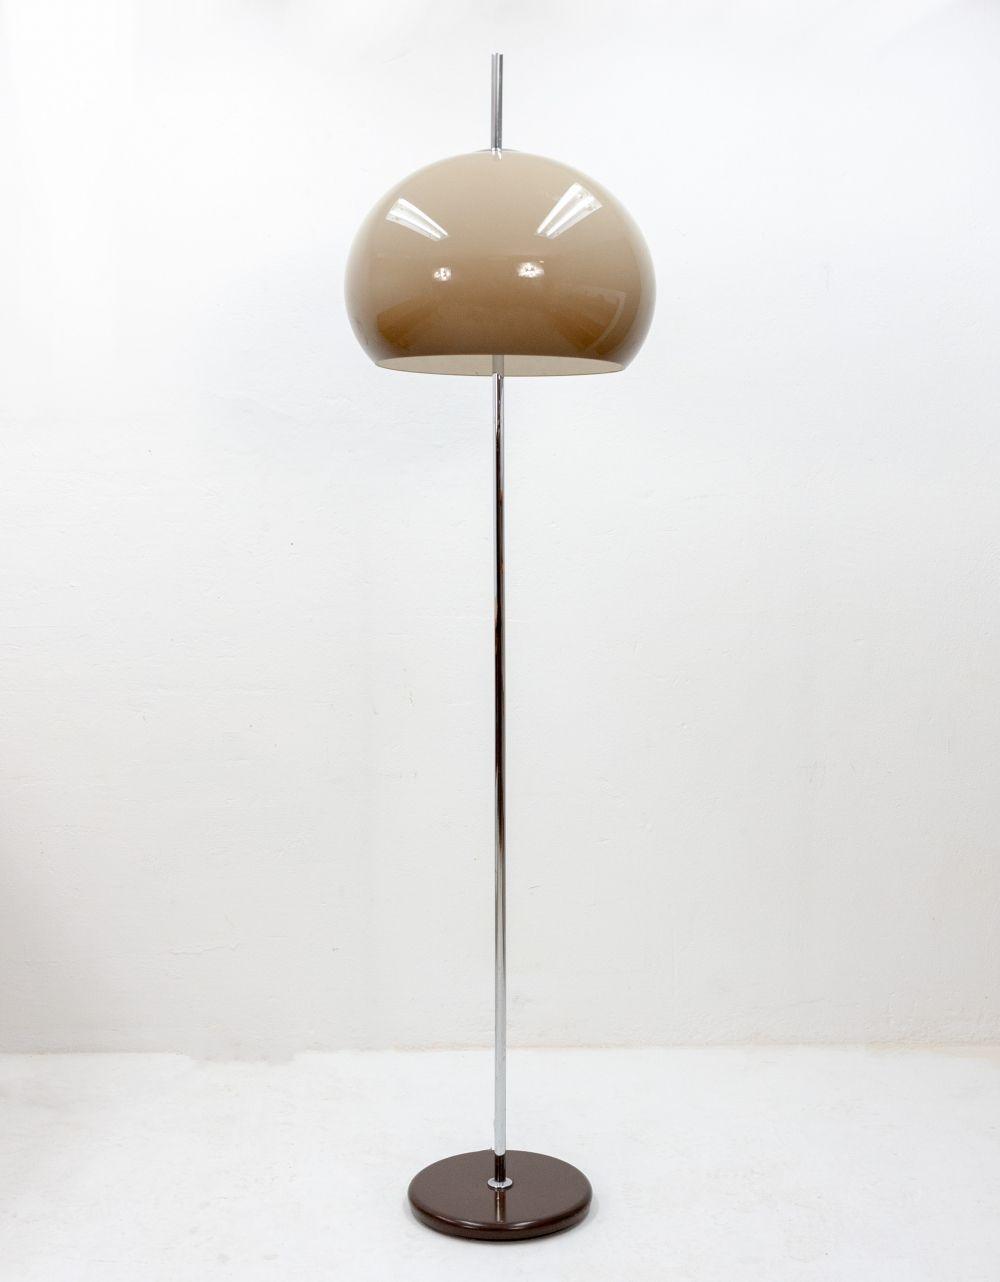 For Sale Vintage Floor Lamp 1960s Vintage Floor Lamp Vintage